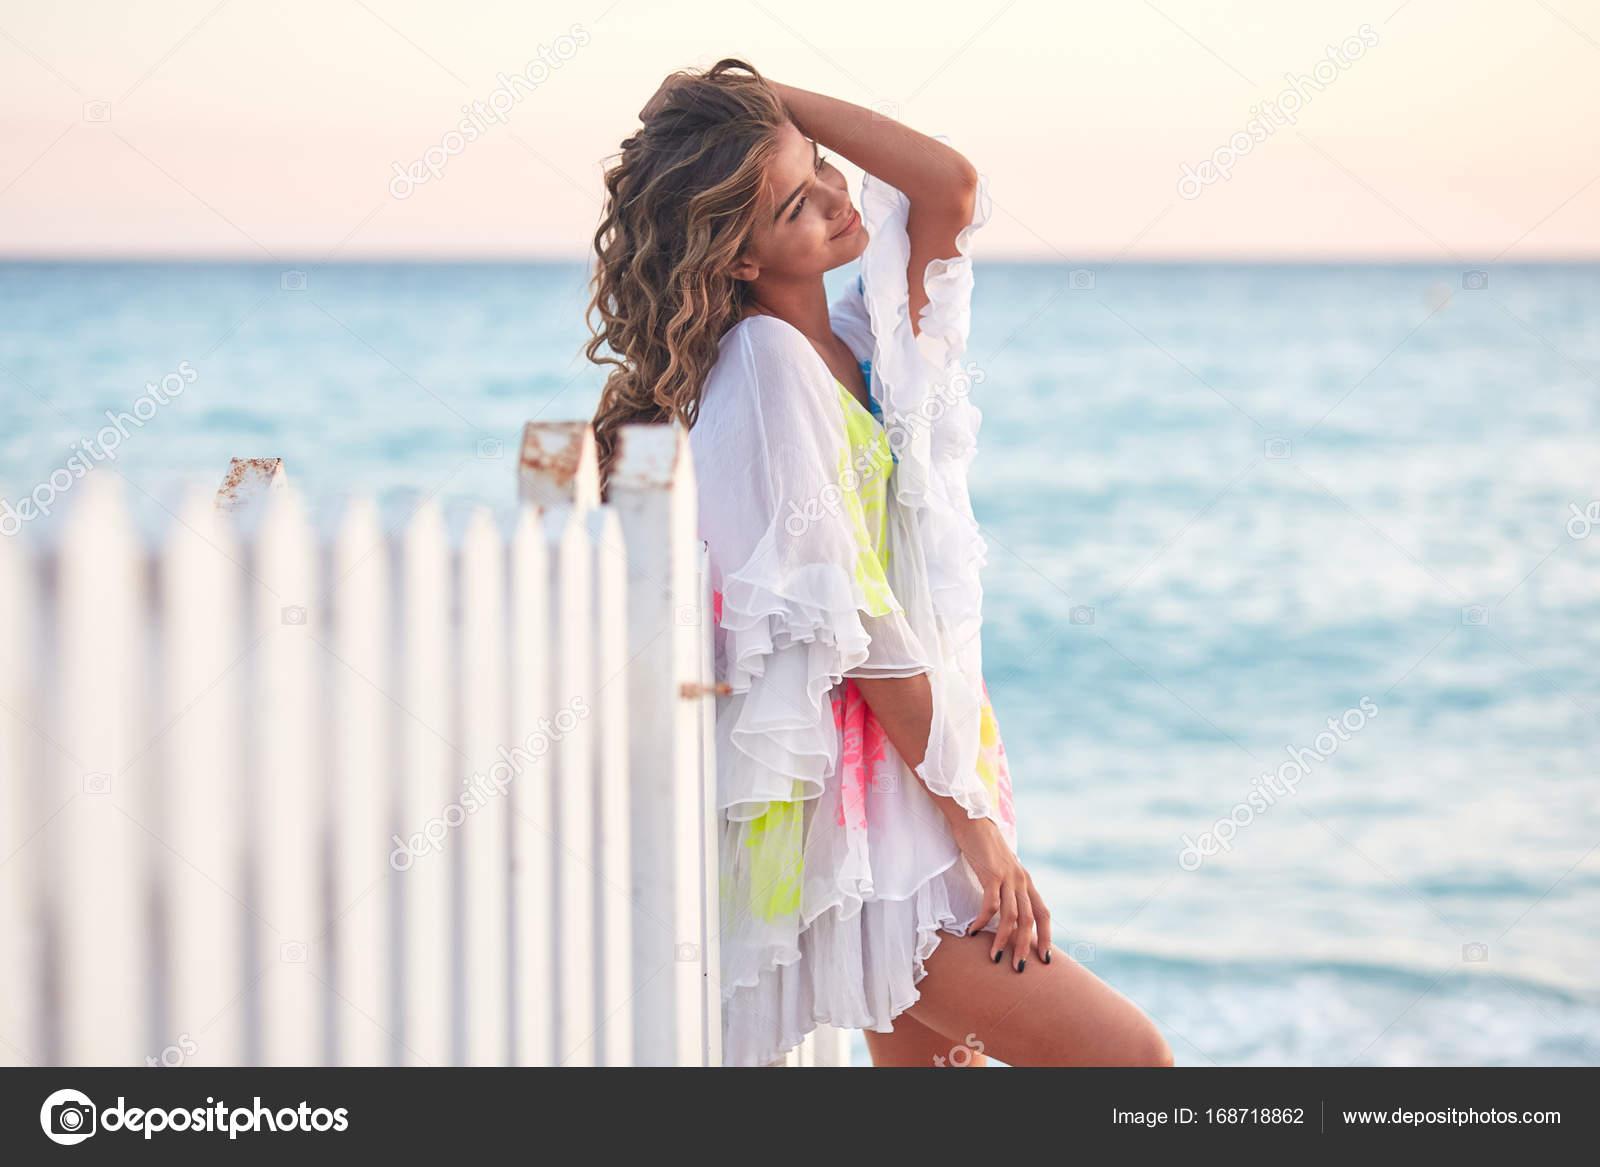 Szép szexi mosolygó fiatal nő modell jelentő közelében a tenger partján  lenyűgöző nyári strand ruha viselése 9ca6c4a99f